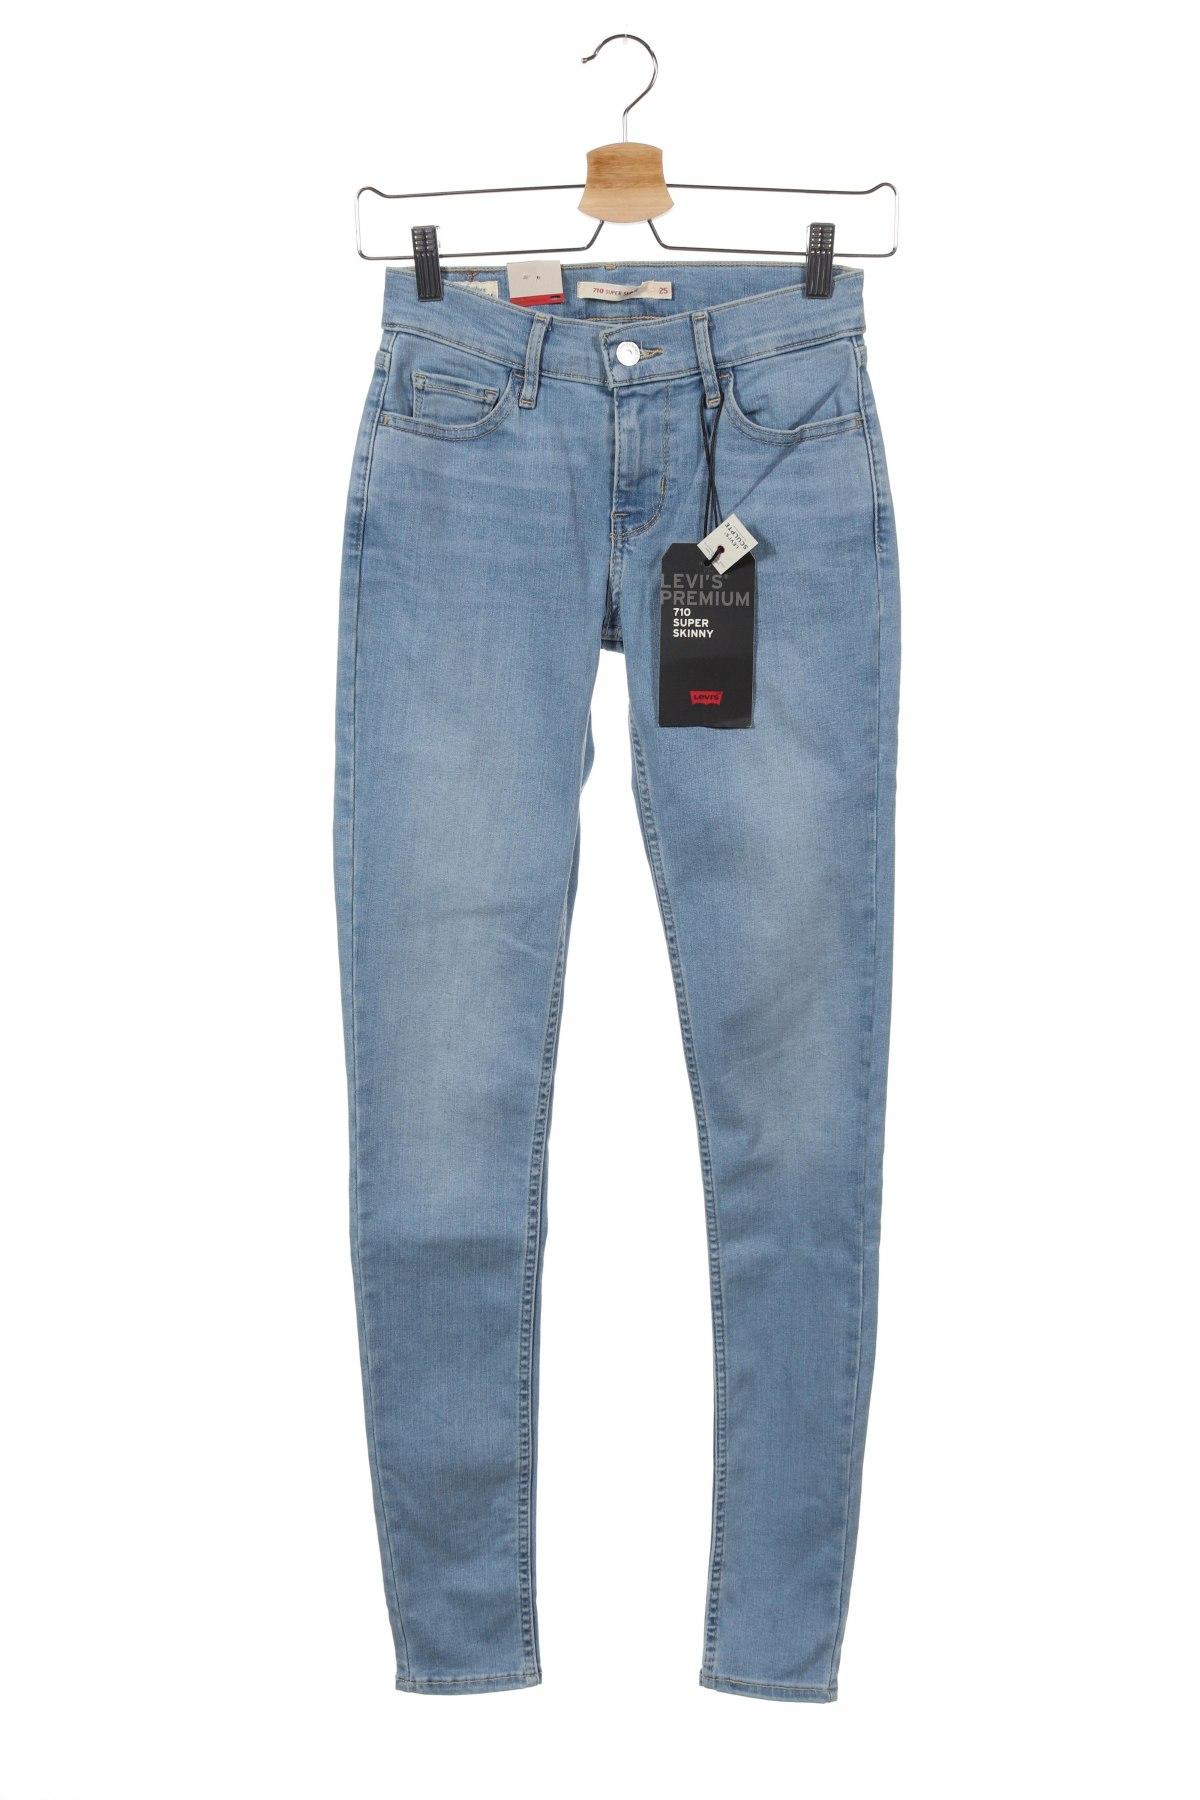 Дамски дънки Levi's, Размер XS, Цвят Син, 85% памук, 9% полиестер, 6% еластан, Цена 119,25лв.